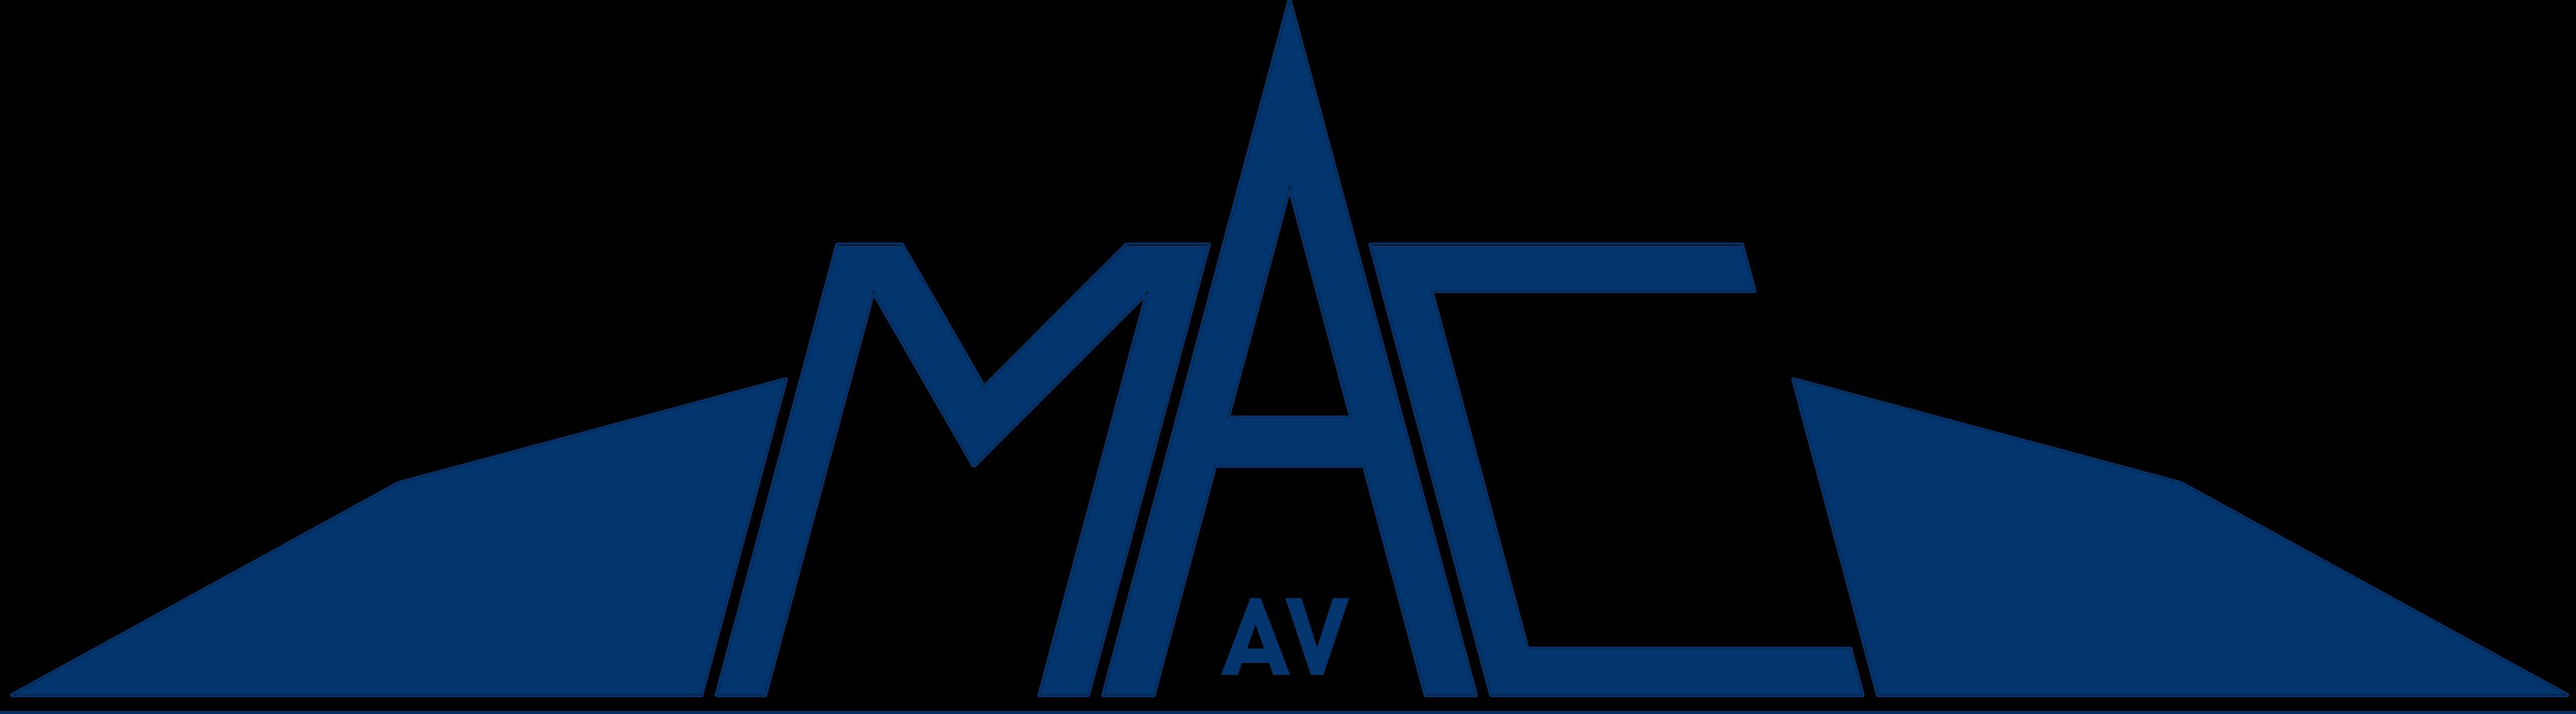 MAC AV